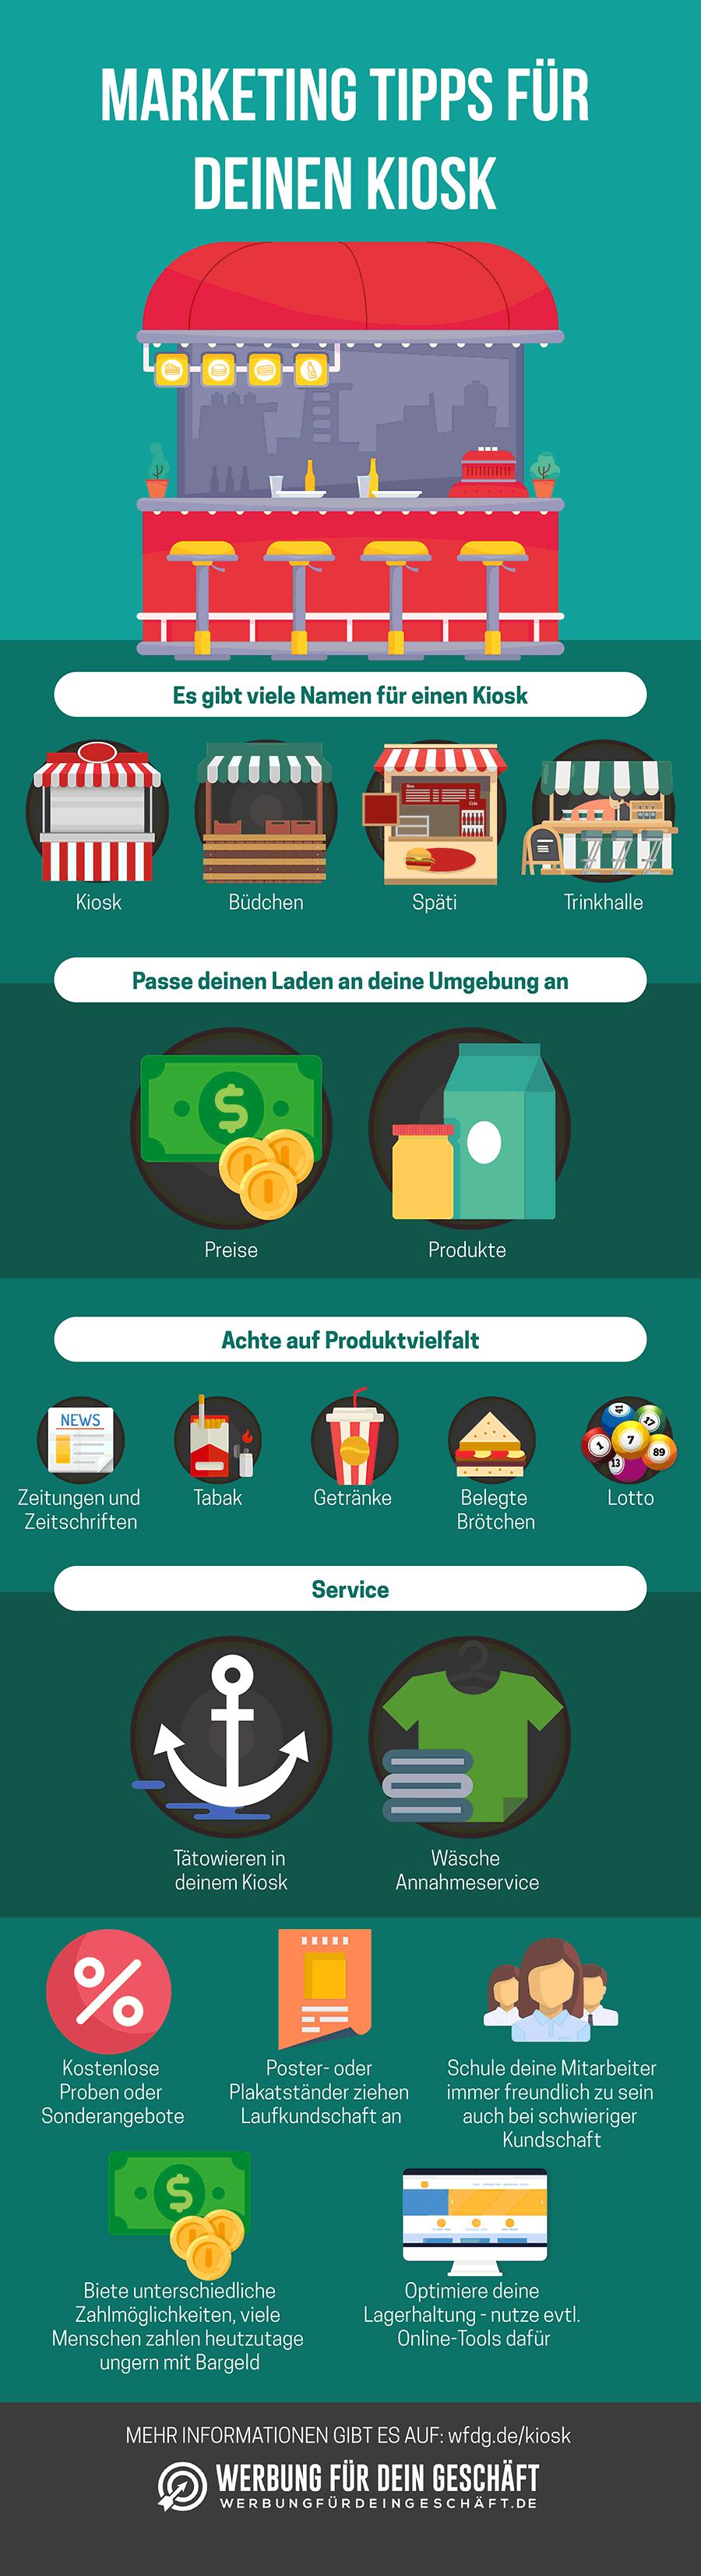 Infografik mit Marketing Tipps für deinen Kiosk